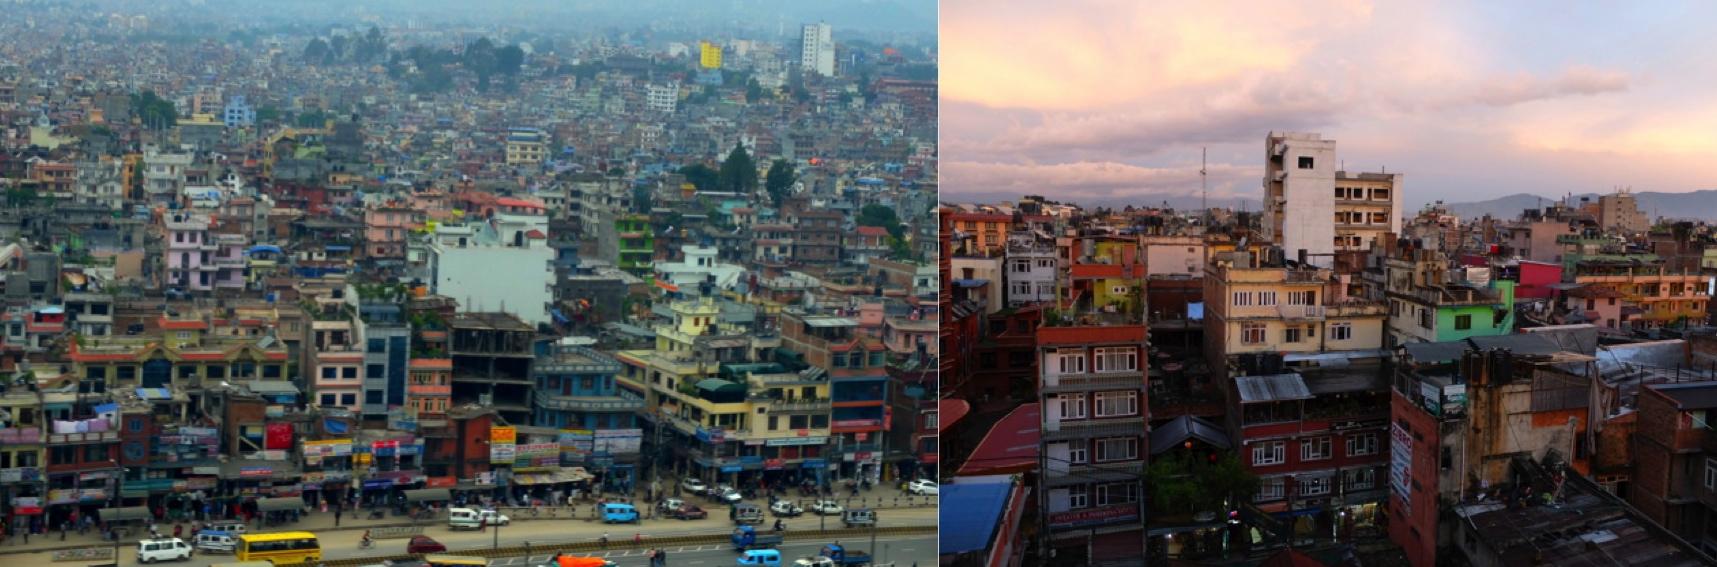 Kathmandu vu du ciel